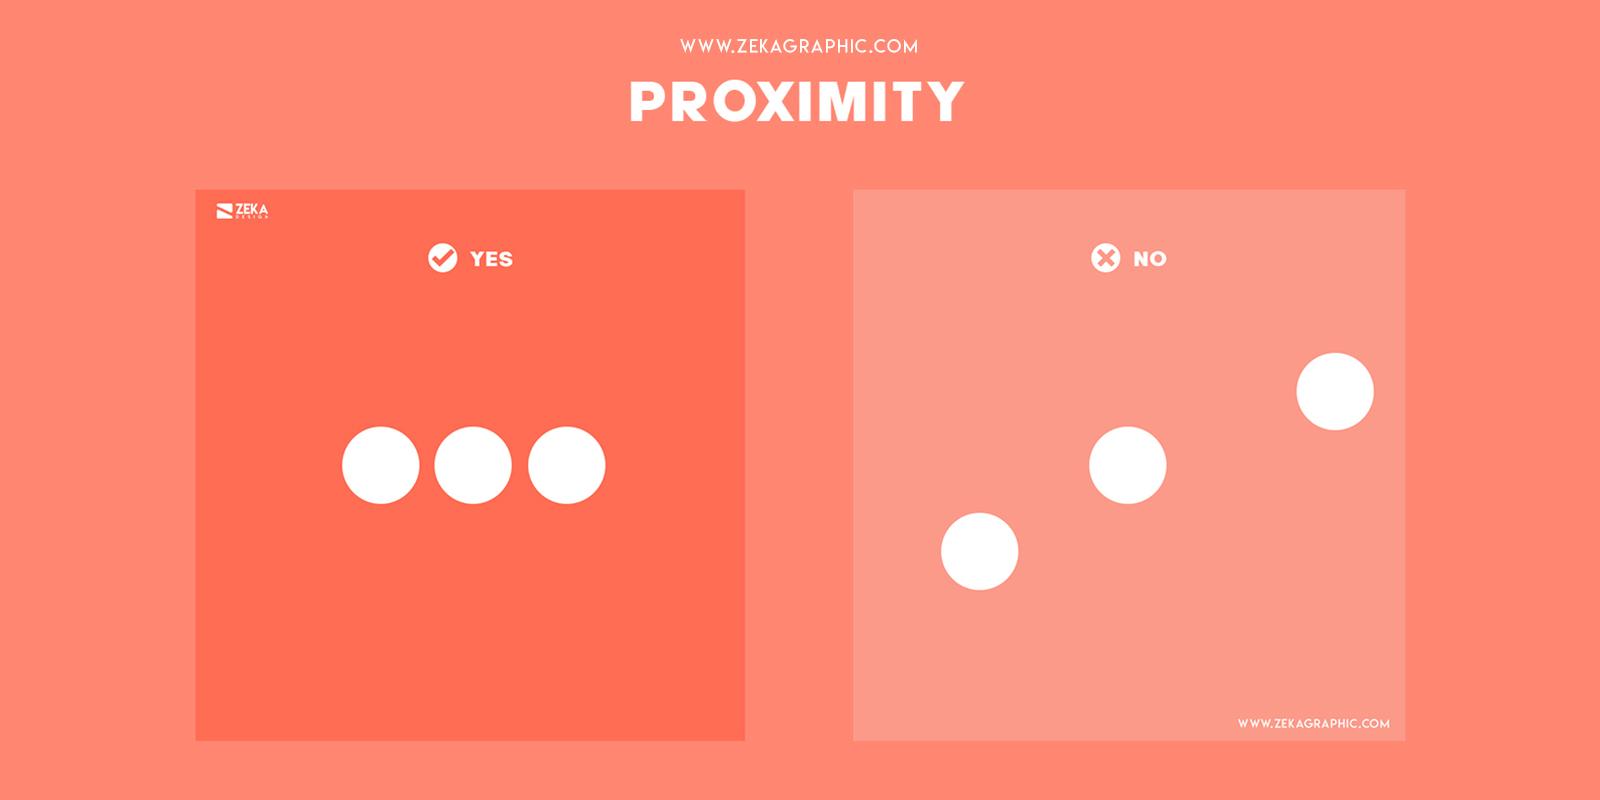 Proximity Visual Hierarchy Principles in Graphic Design